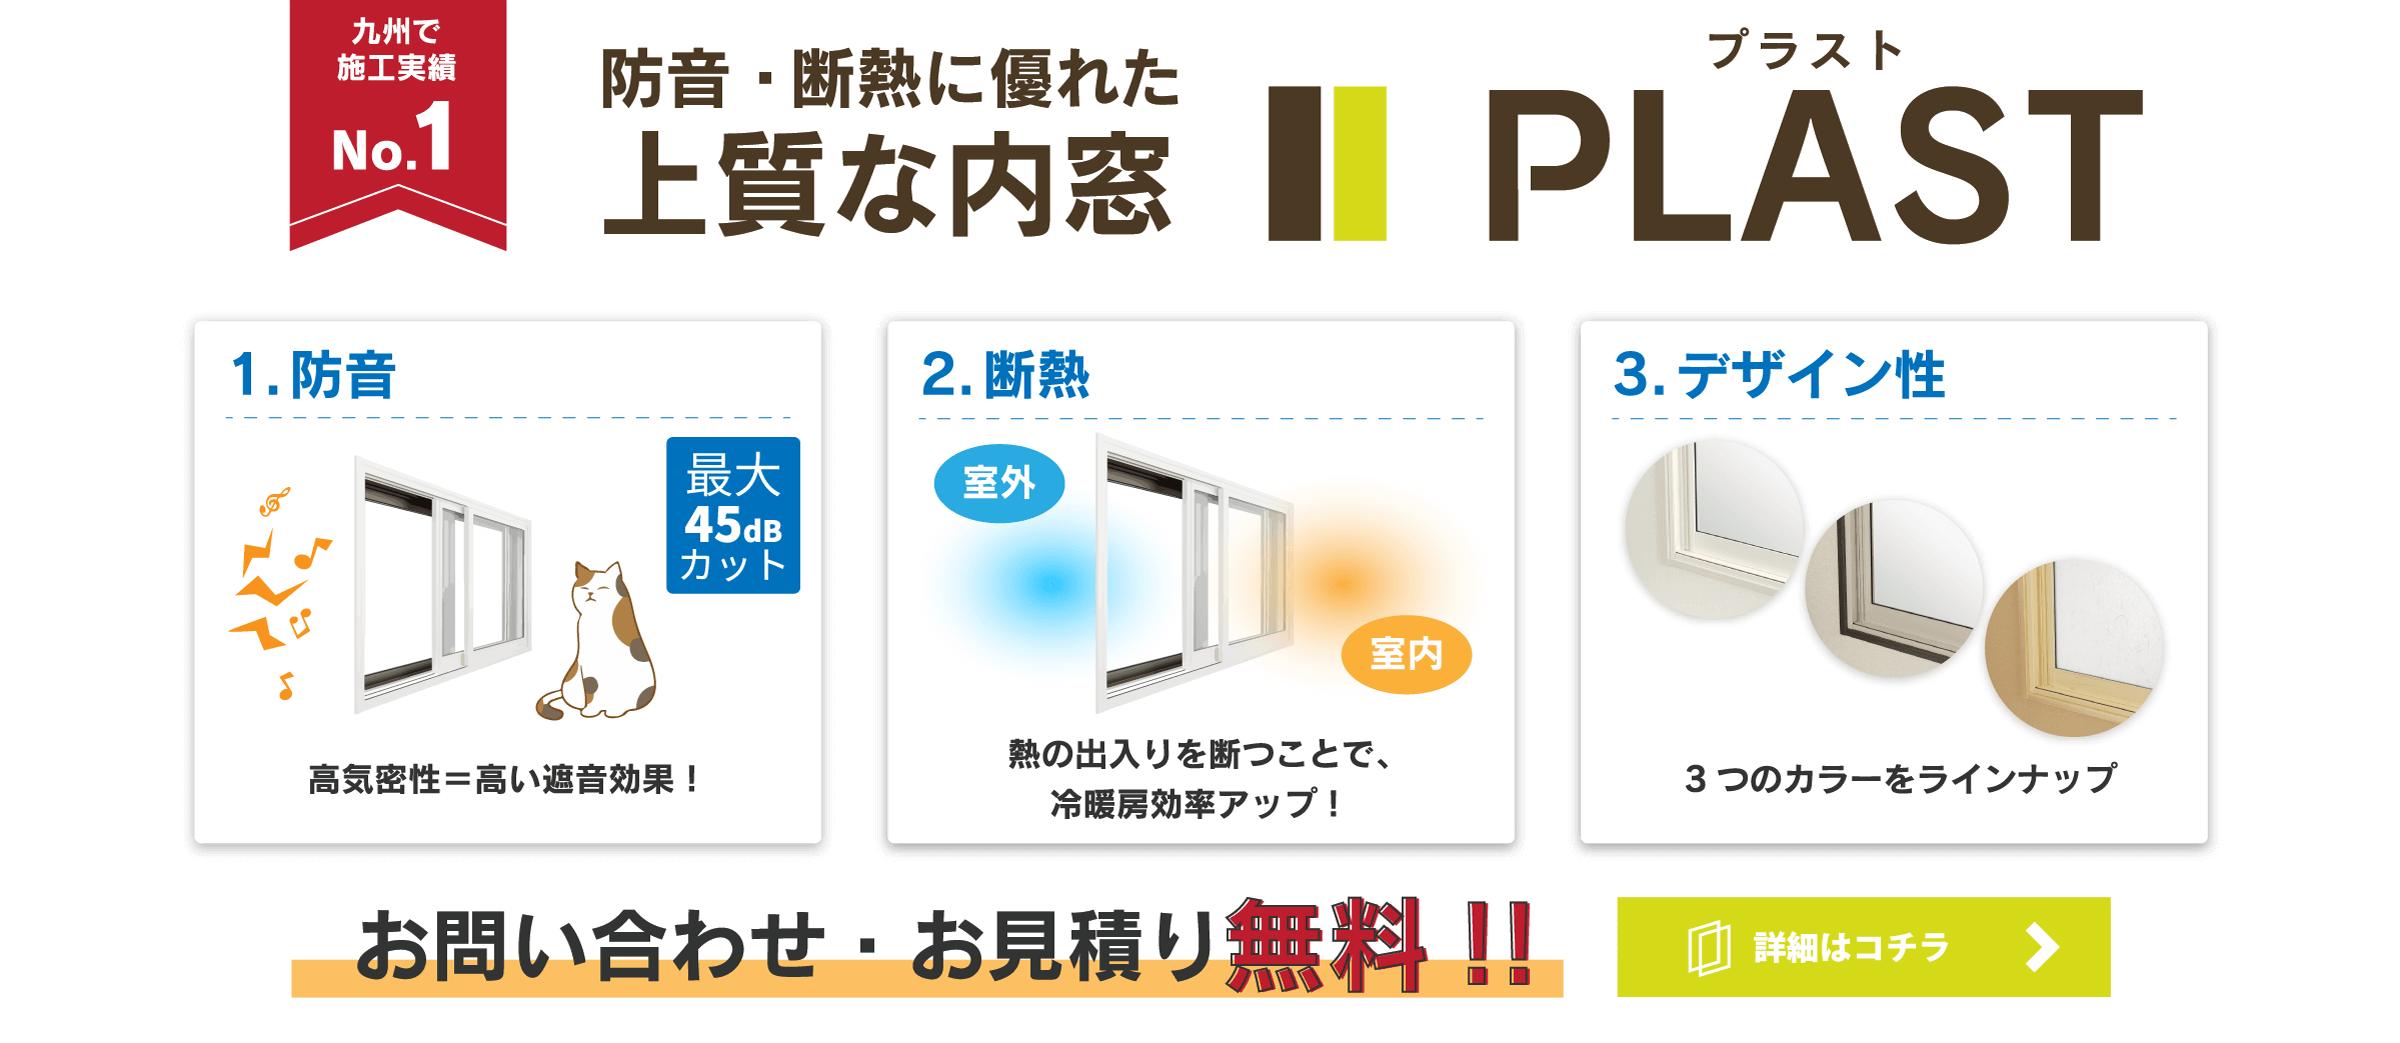 断熱・防音効果に優れた上質な内窓PLASTプラスト